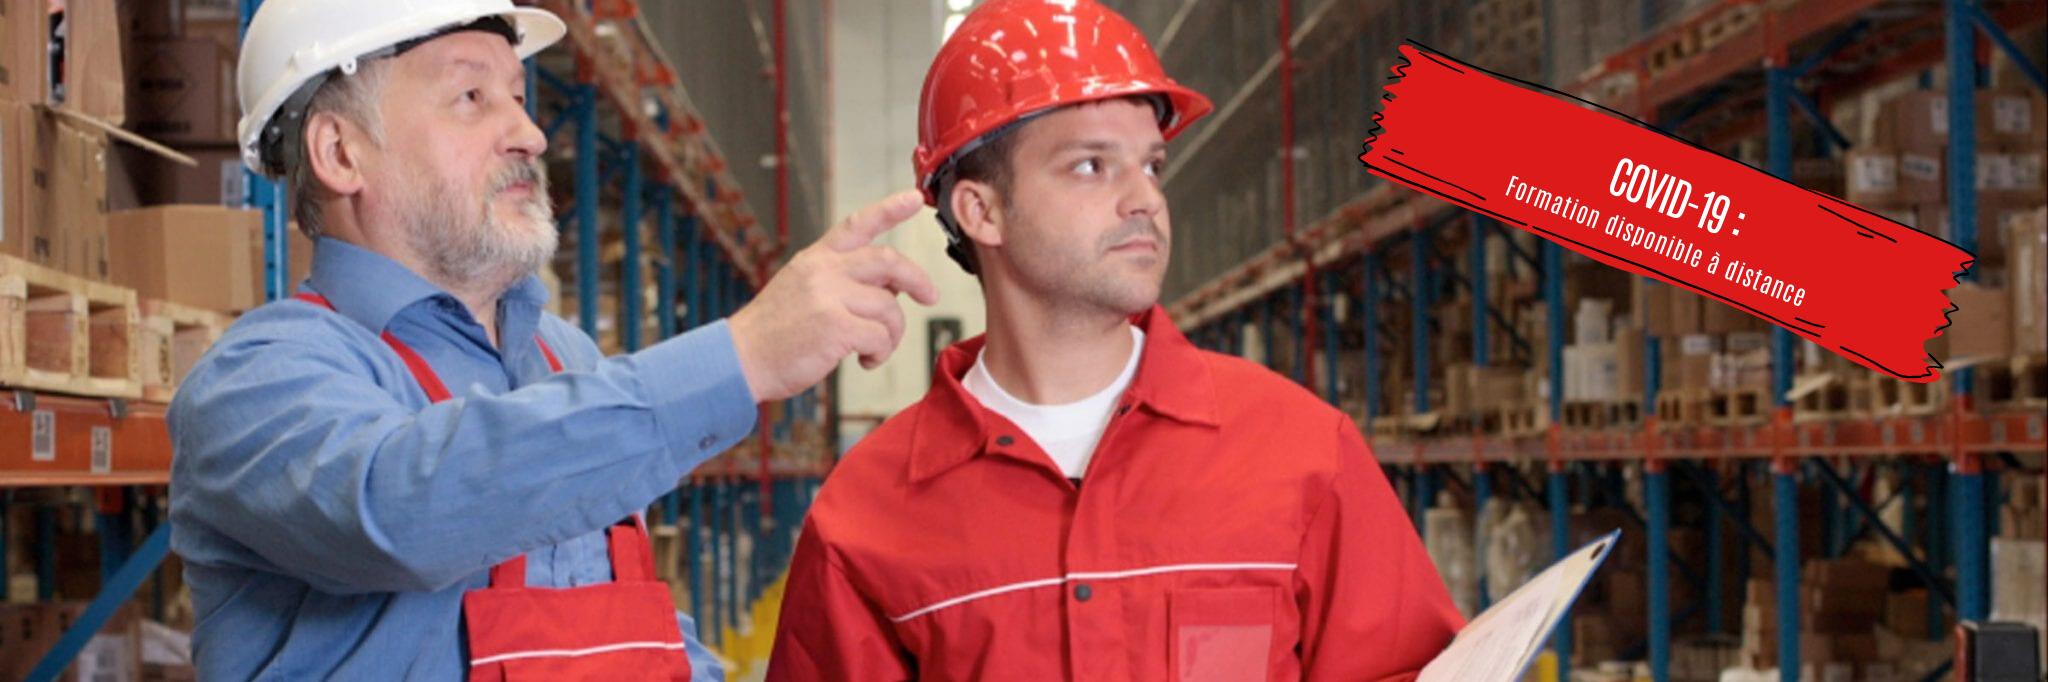 Sécurité - Inspecteur en prévention sur lieux de travail